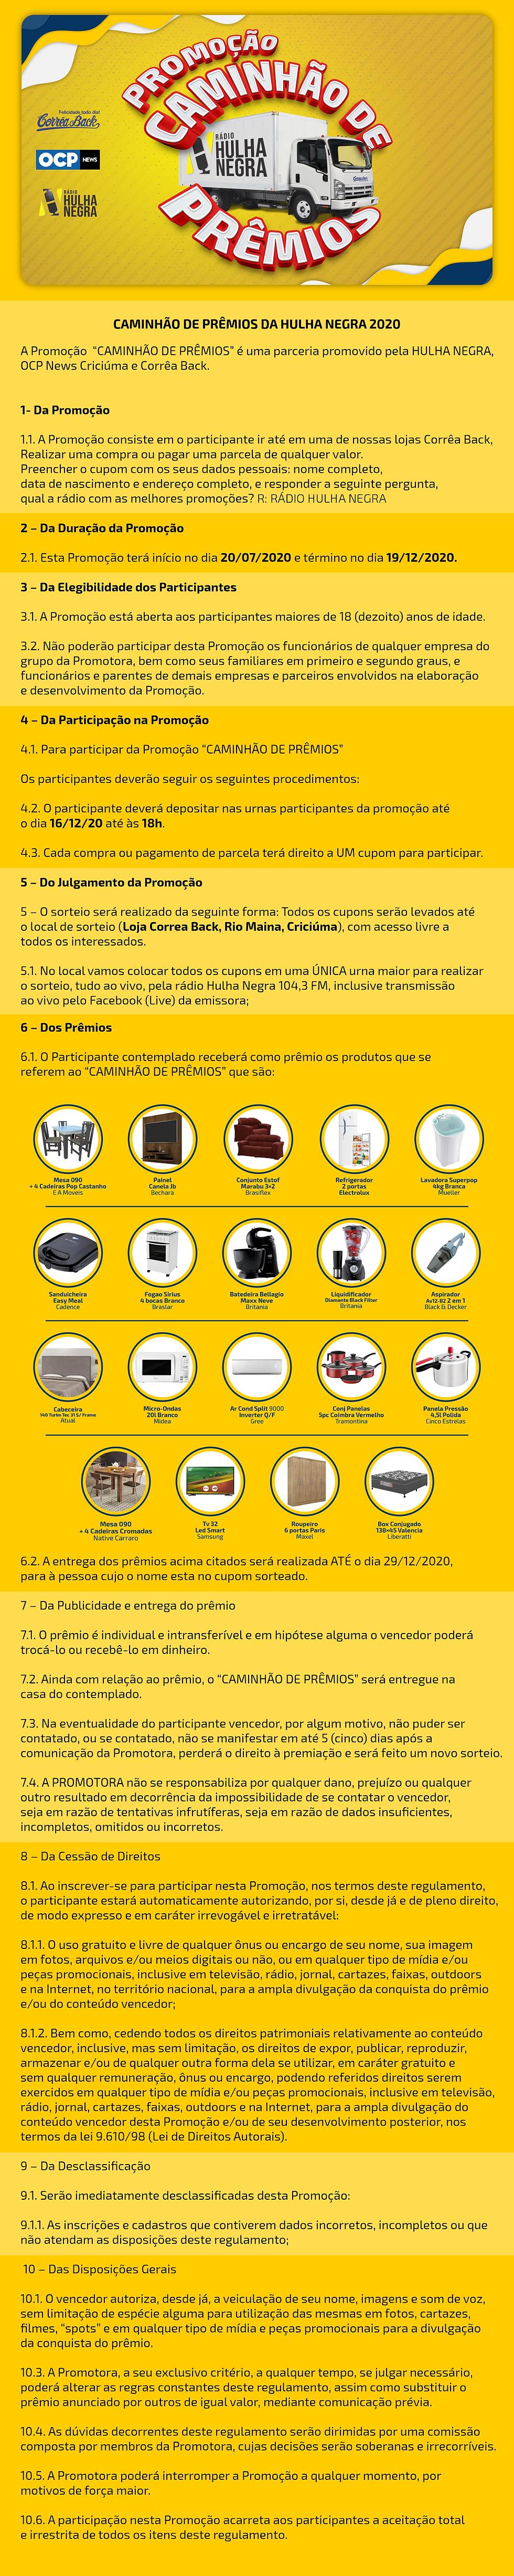 Caminhão_de_premios_Regulament2.png